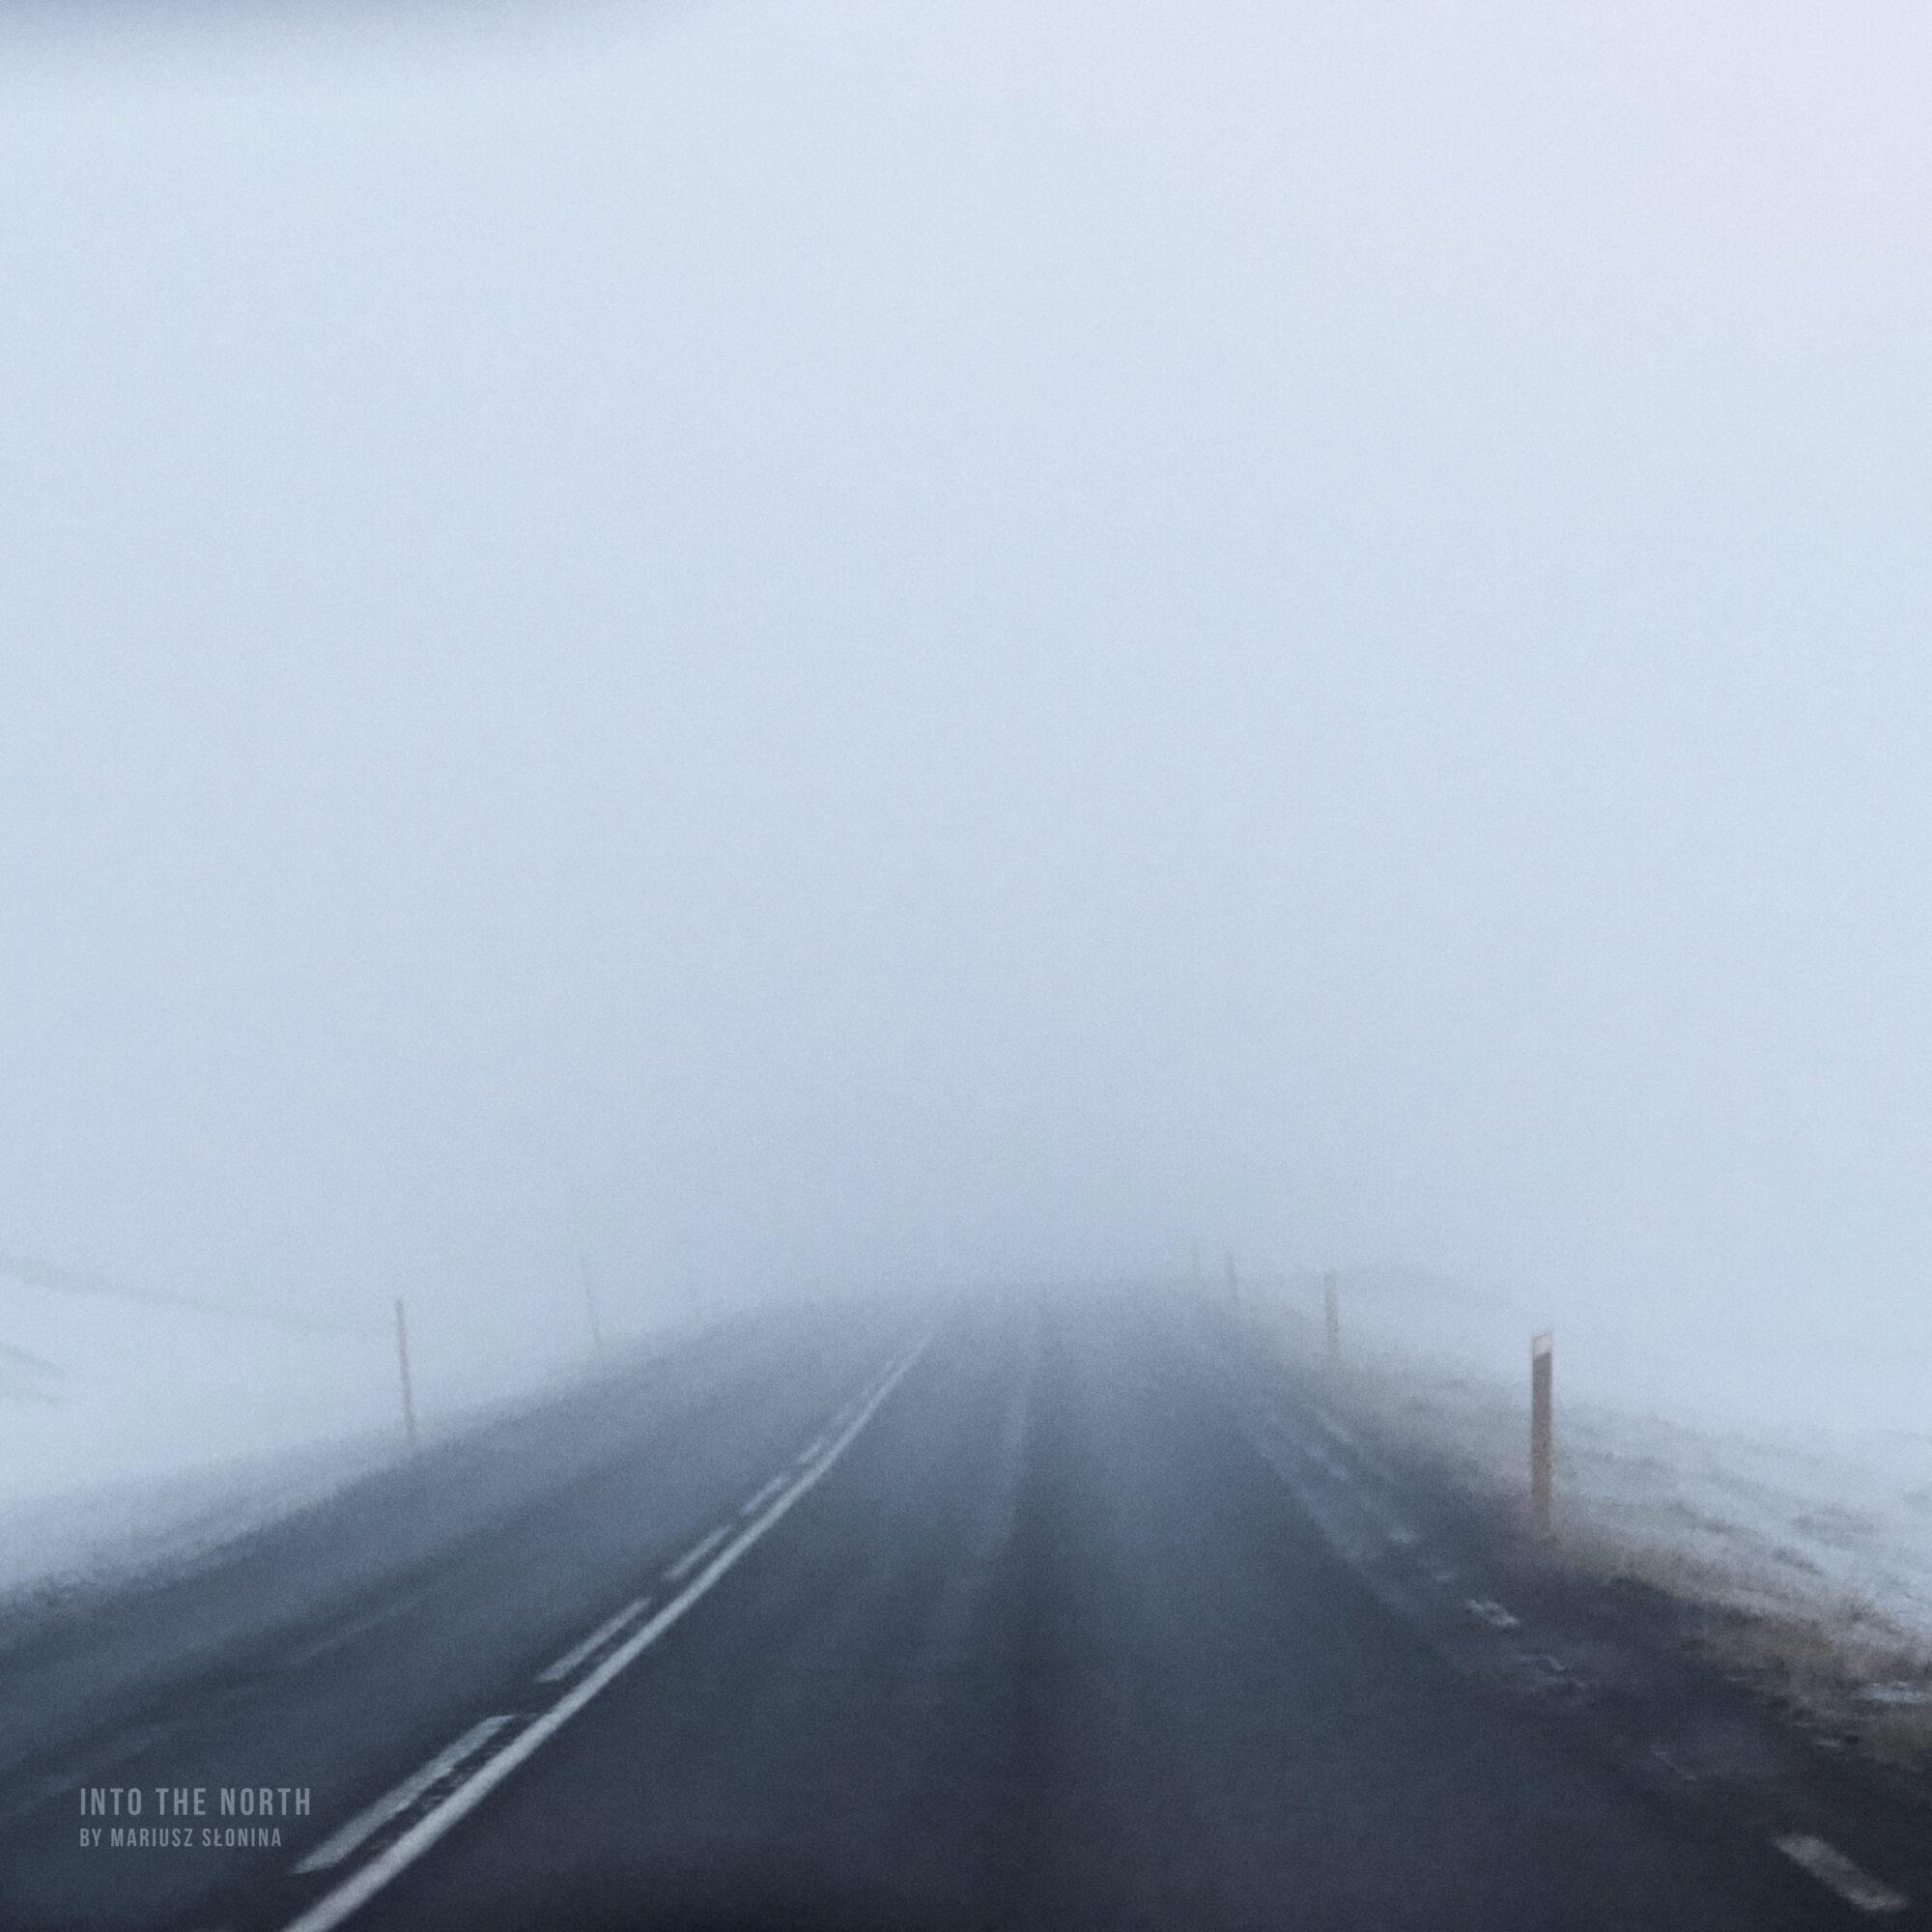 iceland-in-between/ND_20191125_153748_2972_001.jpg